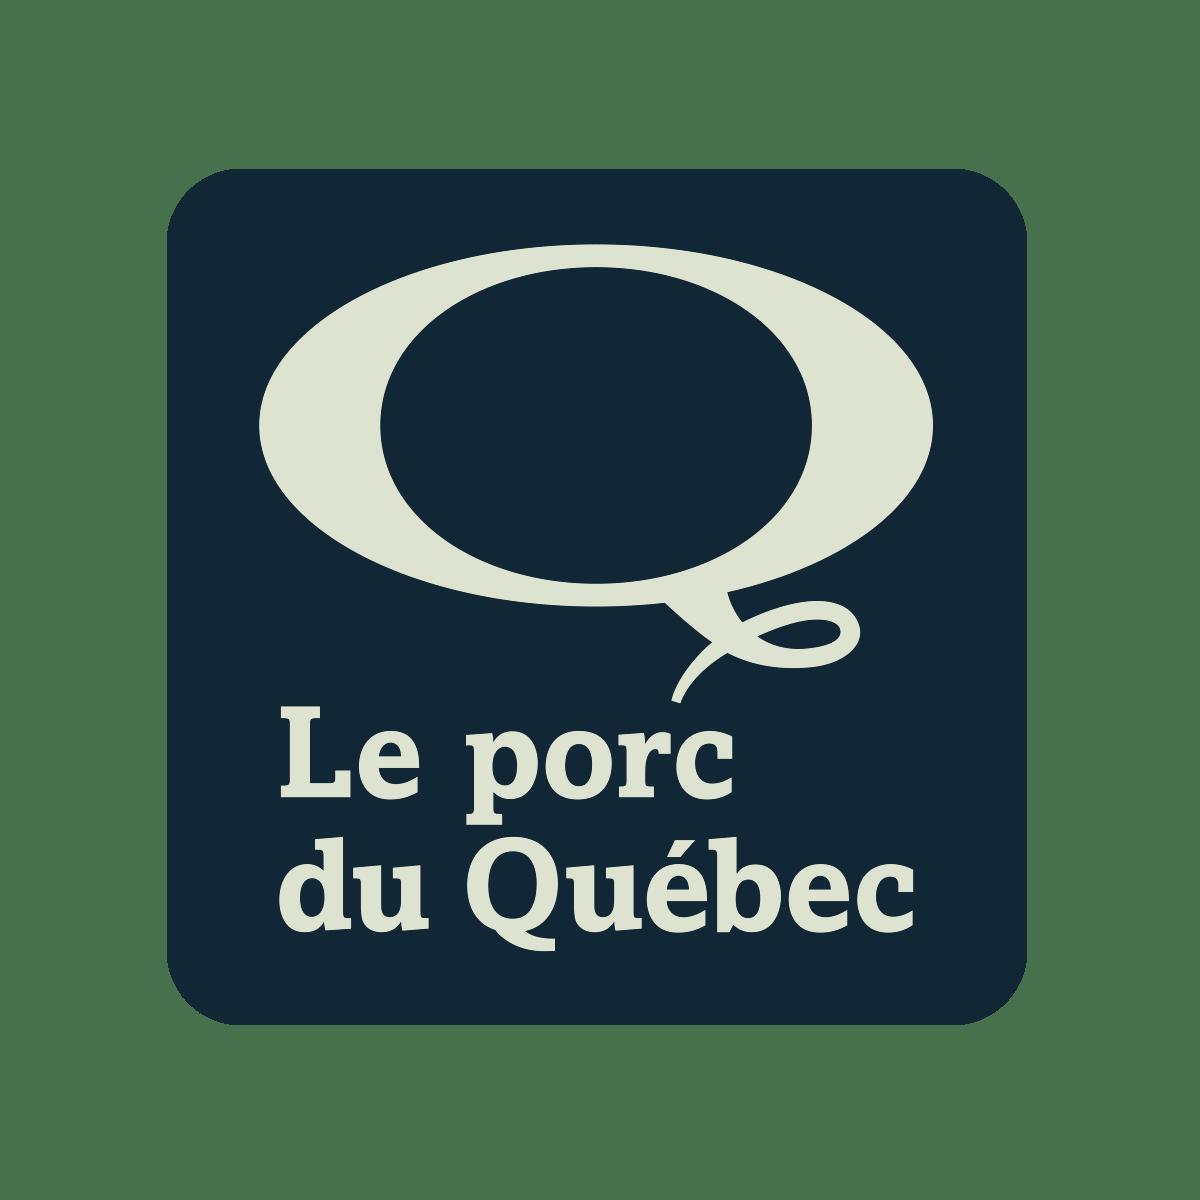 Logo Le porc du Québec